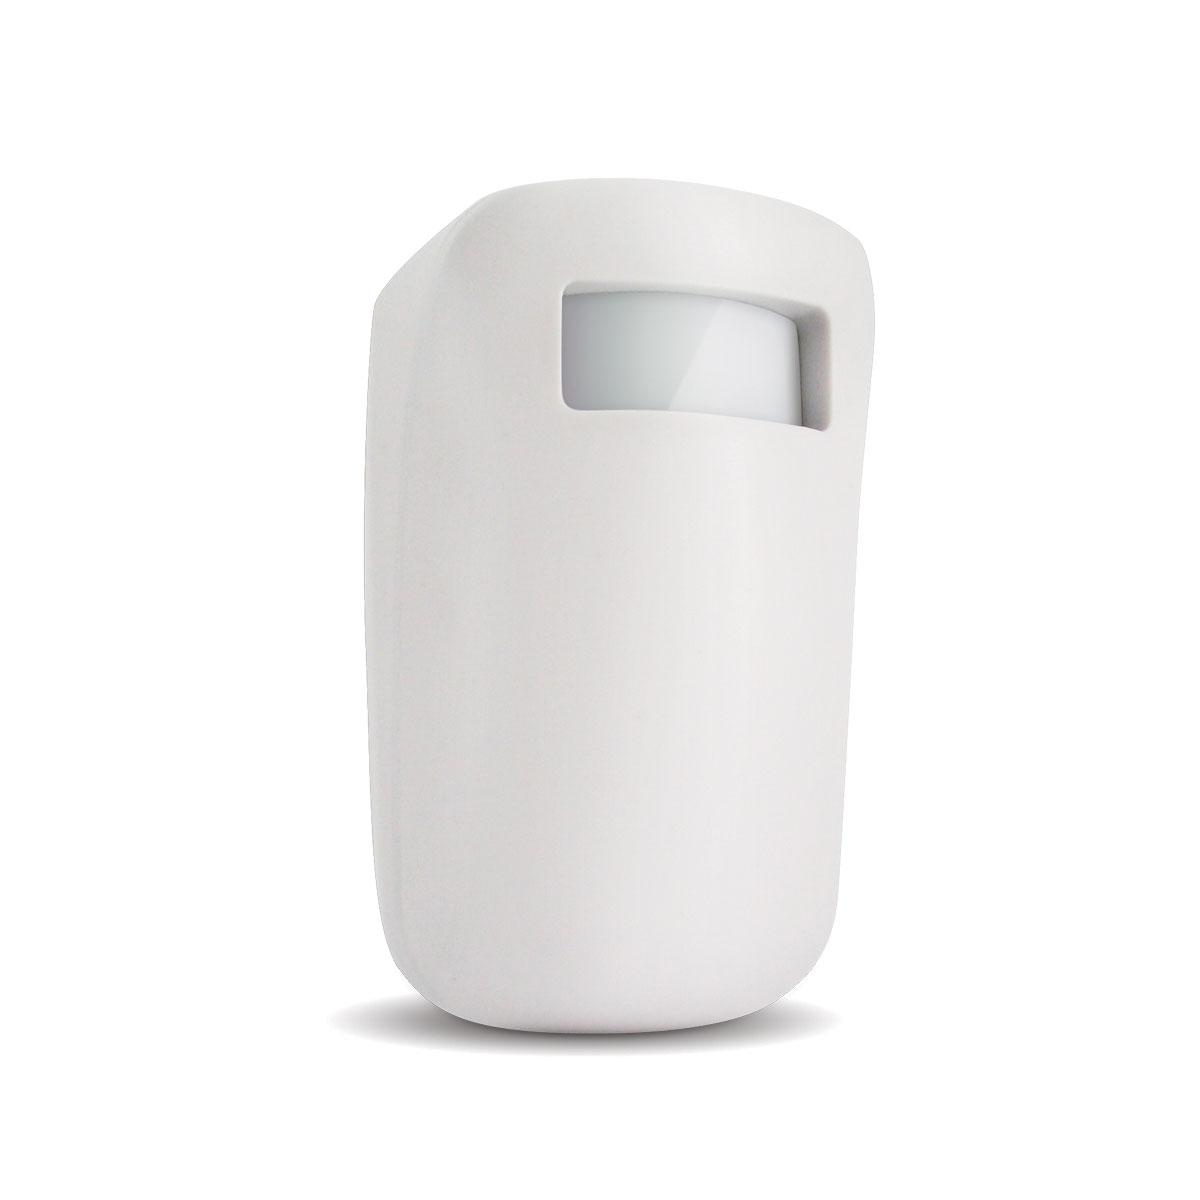 Wireless Motion Sensor for Frontline Wireless Driveway Alert System - AL101-TX